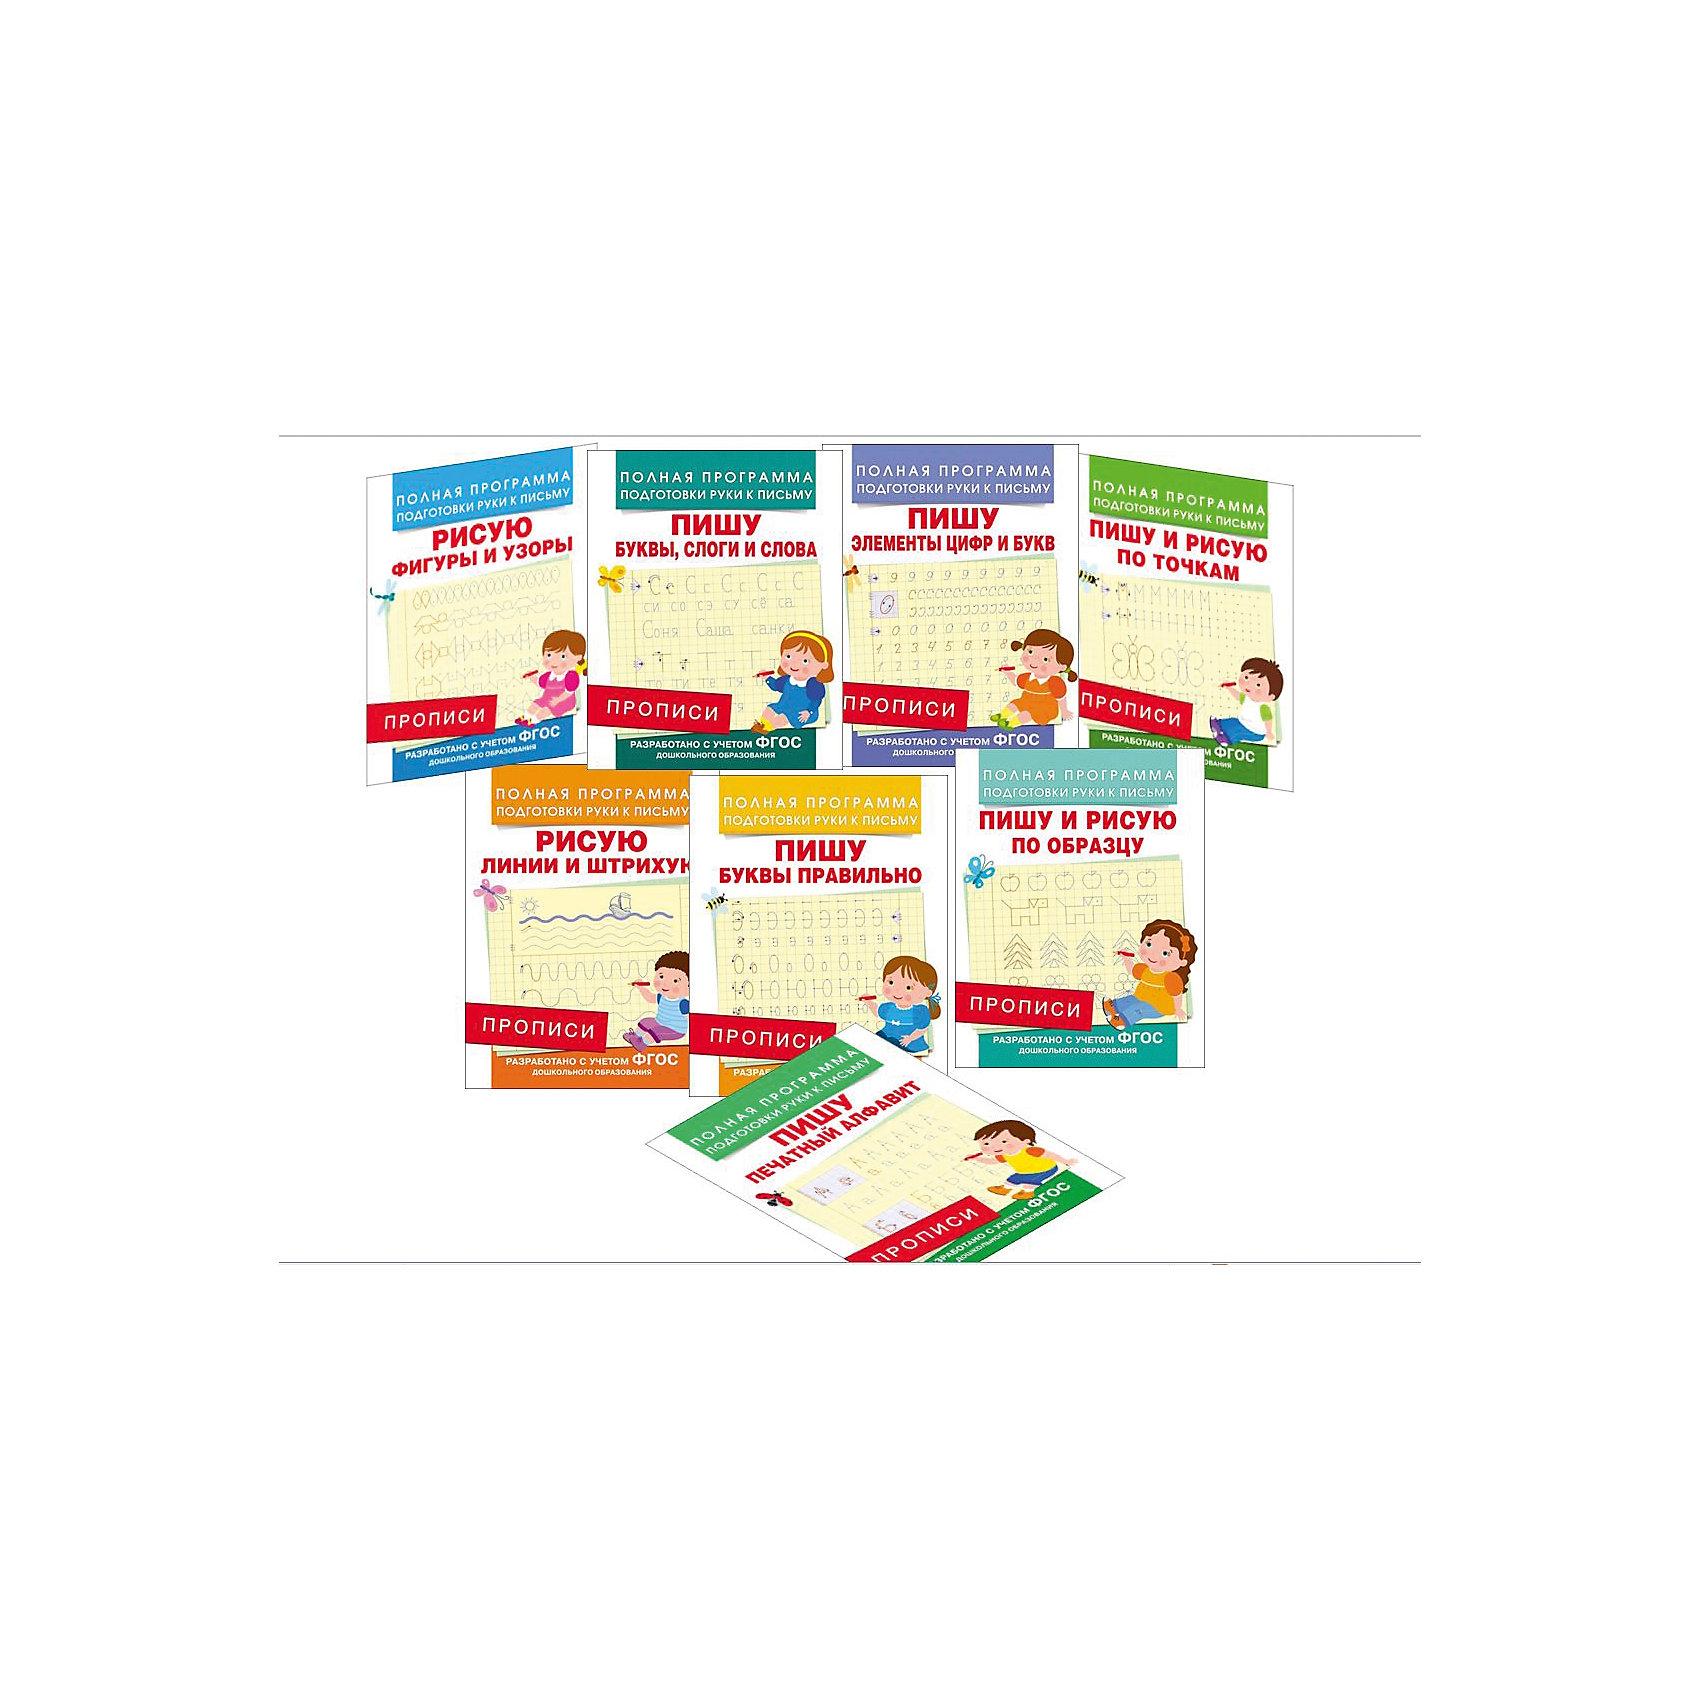 Комплект Полная программа подготовки руки к письмуРосмэн<br>Комплект Полная программа подготовки руки к письму ? это обучающие тетради, автором которых является А.Столяренко, выпущенные отечественным издательством Росмэн.  Комплект состоит из восьми тетрадей Пишу буквы правильно, Пишу буквы, слоги и слова, Рисую линии и штрихую, Пишу печатный алфавит, Пишу и рисую по образцу, Пишу и рисую по точкам, Пишу элементы цифр и букв, Рисую фигуры и узоры. Объем каждой тетради составляет 16 страниц. Все задания разработаны в классической методике подготовки руки к письму и отработке навыков письма: от рисования по точкам и линиям до штриховки фигур и узоров. Задания располагаются от простого к сложному. Задания направлены на формирование и отработку навыков письма как отдельных элементов, так и целых слов, знакомят с написанием печатных букв и цифр. Каждый навык отрабатывается несколькими устными и письменными заданиями.<br>Данный комплект может использоваться в детских дошкольных учреждениях, разработан с учетом требований ФГОС дошкольного образования.<br><br>Дополнительная информация:<br><br>- Жанр книг: развивающие занятия<br>- Предназначение: для дома, для детских садов, для учреждений, организующих предшкольную подготовку дошкольников<br>- Серия: Подготовка к школе<br>- Материал: плотная бумага<br>- Комплектация: 8 тетрадей ? Пишу буквы правильно, Пишу буквы, слоги и слова, Рисую линии и штрихую, Пишу печатный алфавит, Пишу и рисую по образцу, Пишу и рисую по точкам, Пишу элементы цифр и букв, Рисую фигуры и узоры.<br>- Размер (Д*Ш*В): 20,5*16,2*1,3 см<br><br>Подробнее:<br><br>• Для детей в возрасте: от 5 лет <br>• Издательство: Росмэн<br>• Страна производитель: Россия<br><br>Комплект Полная программа подготовки руки к письму можно купить в нашем интернет-магазине.<br><br>Ширина мм: 205<br>Глубина мм: 162<br>Высота мм: 13<br>Вес г: 240<br>Возраст от месяцев: 60<br>Возраст до месяцев: 96<br>Пол: Унисекс<br>Возраст: Детский<br>SKU: 4870282